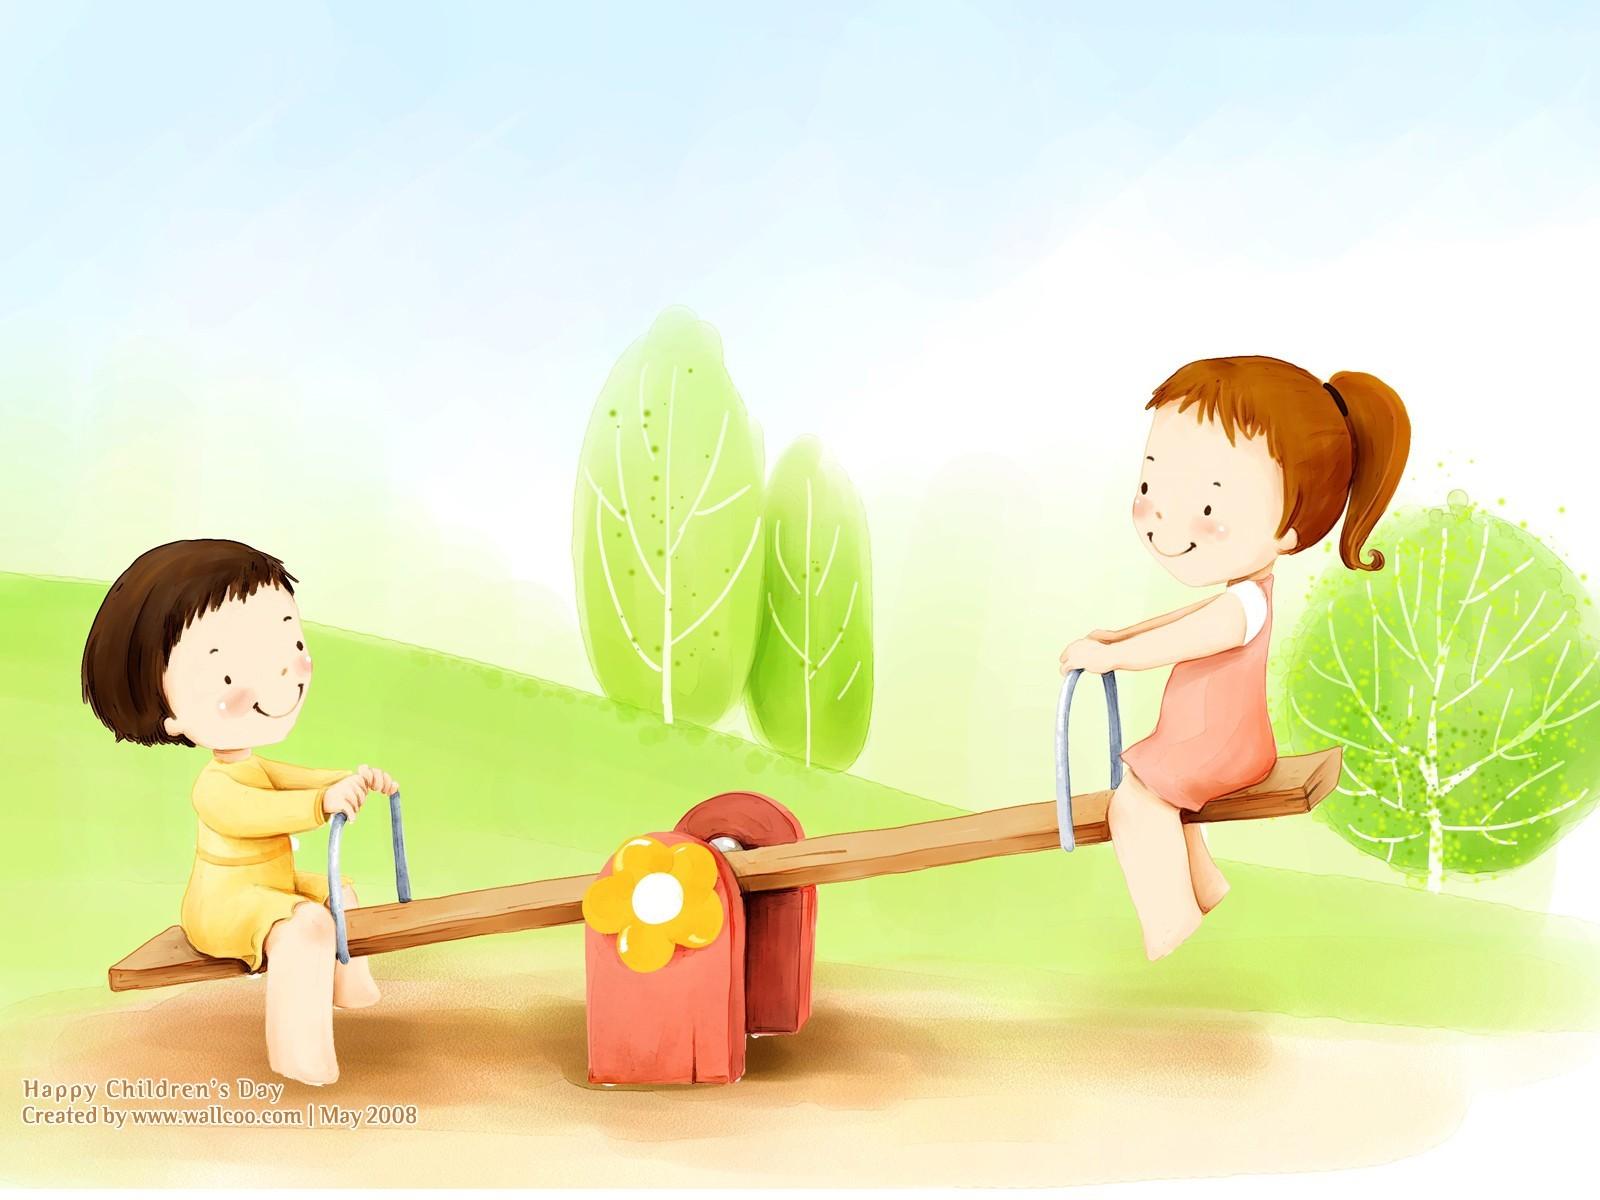 Bonito ilustrador del Día del Niño fondo de pantalla  22 - 1600x1200 ... 594fbabbd91